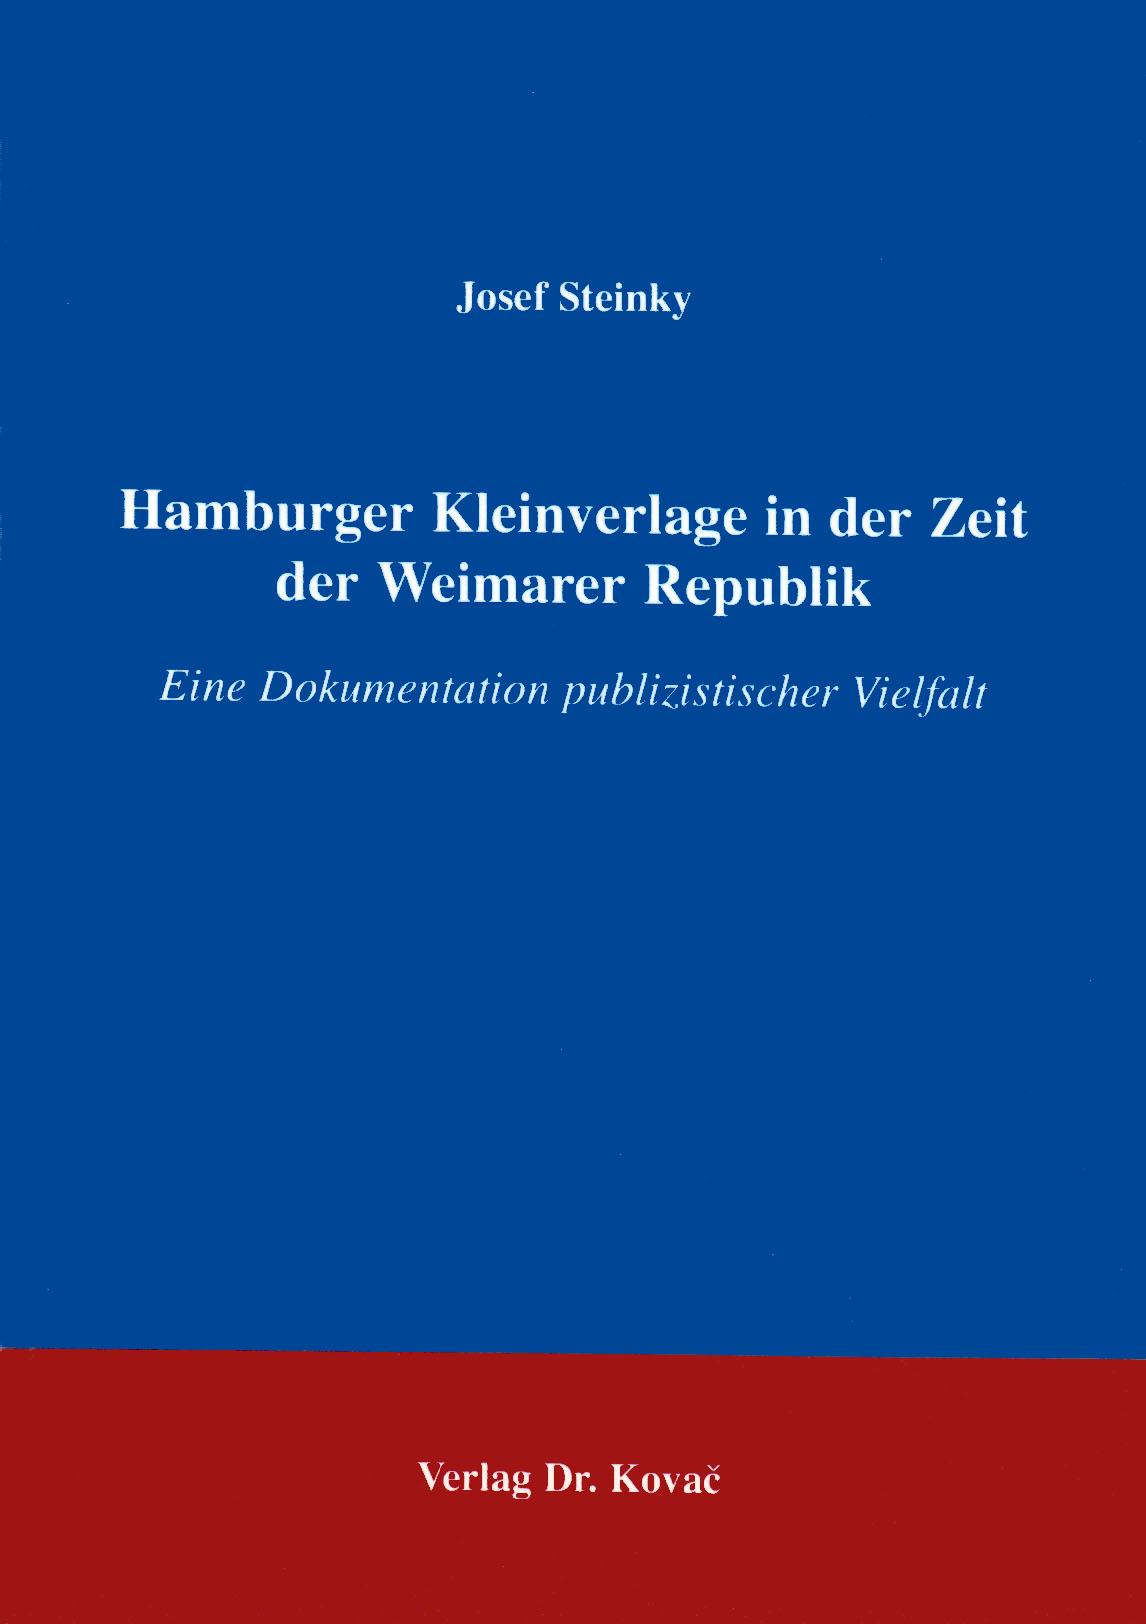 Cover: Hamburger Kleinverlage in der Zeit der Weimarer Republik